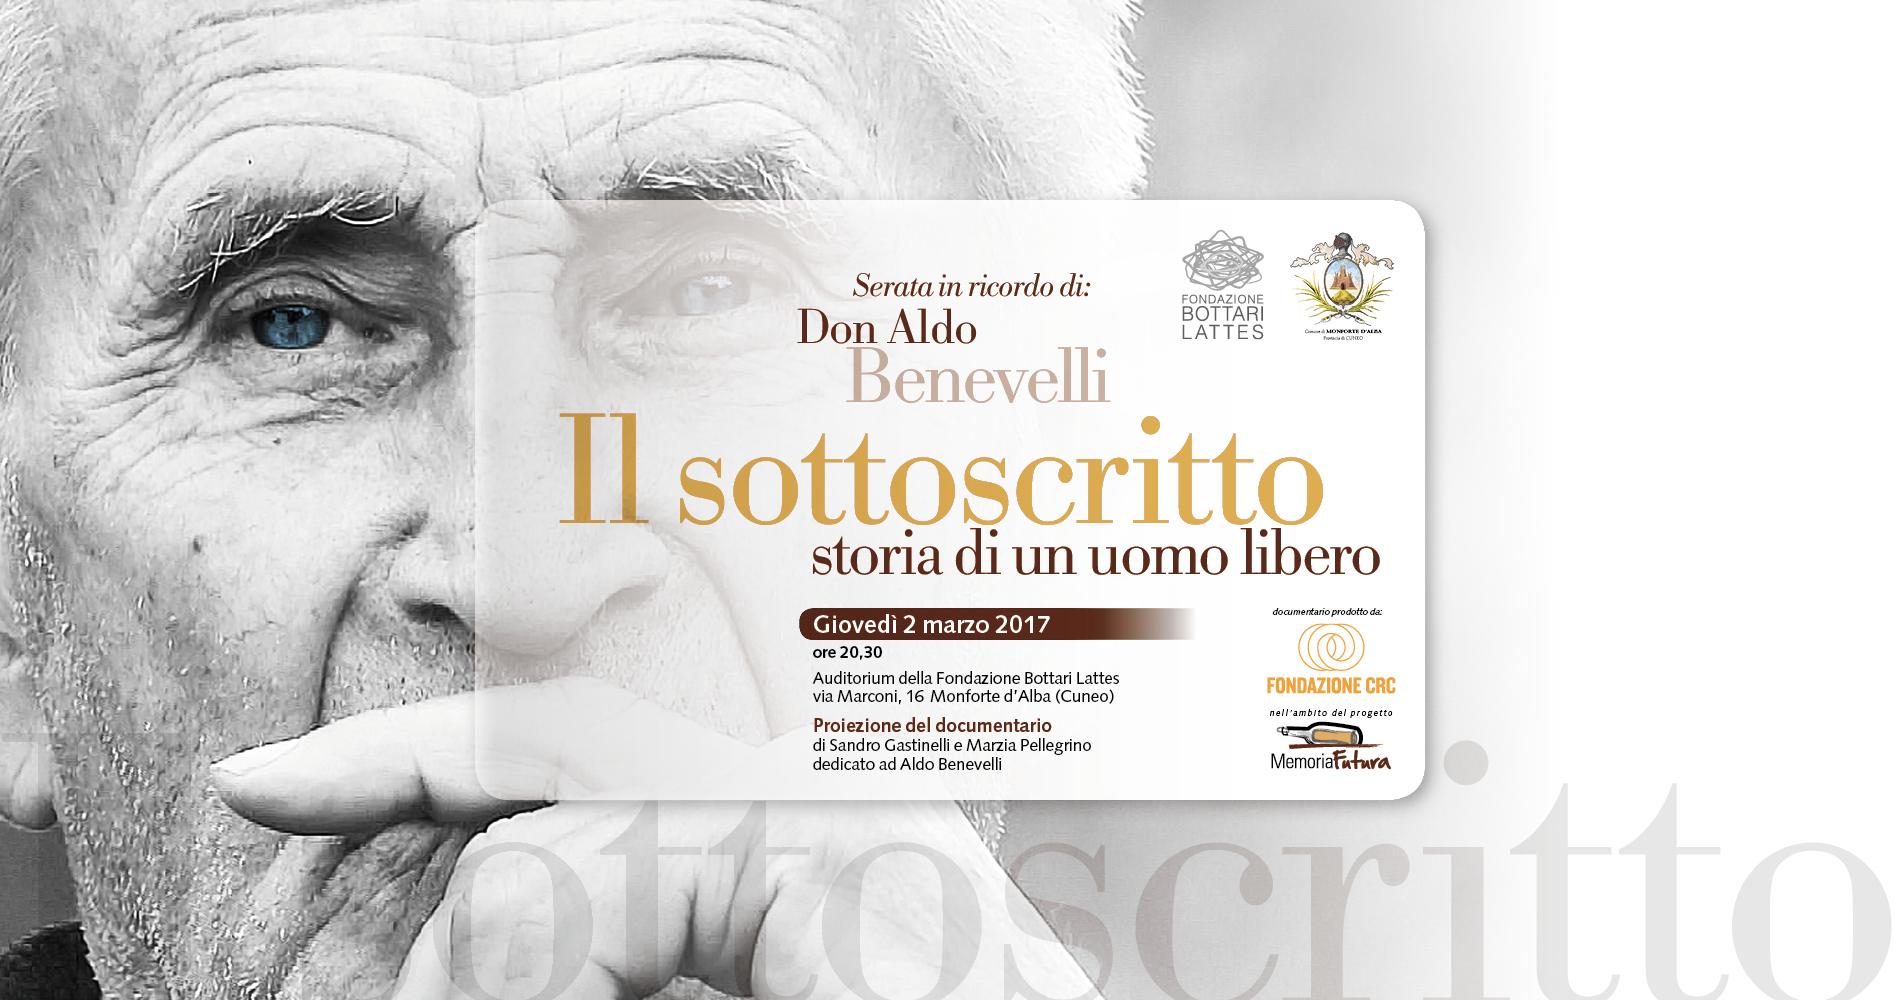 Ricordo di Aldo Benevelli